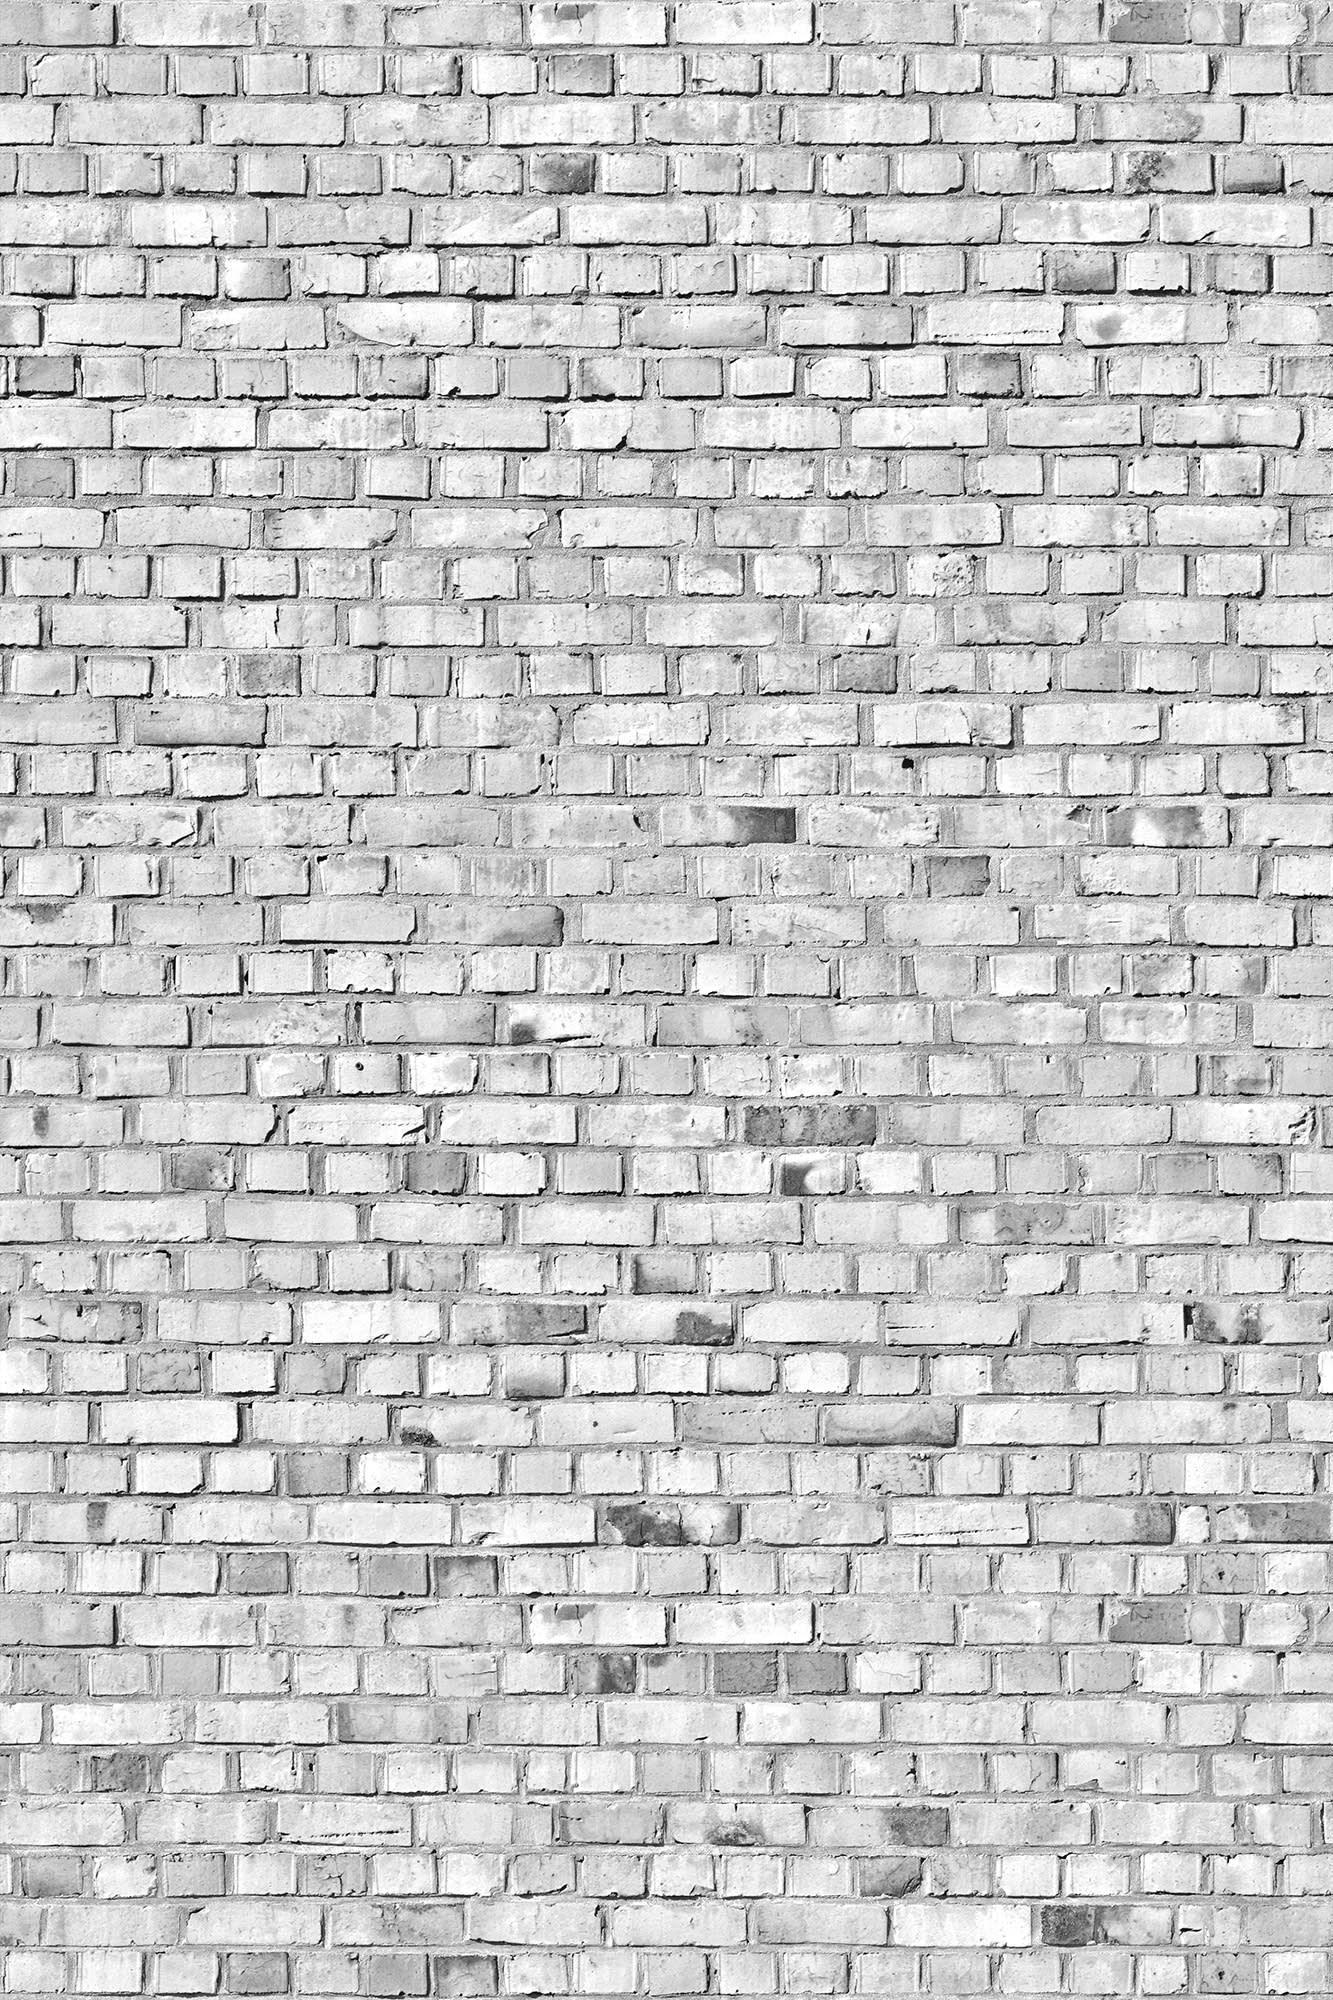 Brick Wall White Brick Wall Wallpaper Brick Wall Drawing Brick Wall